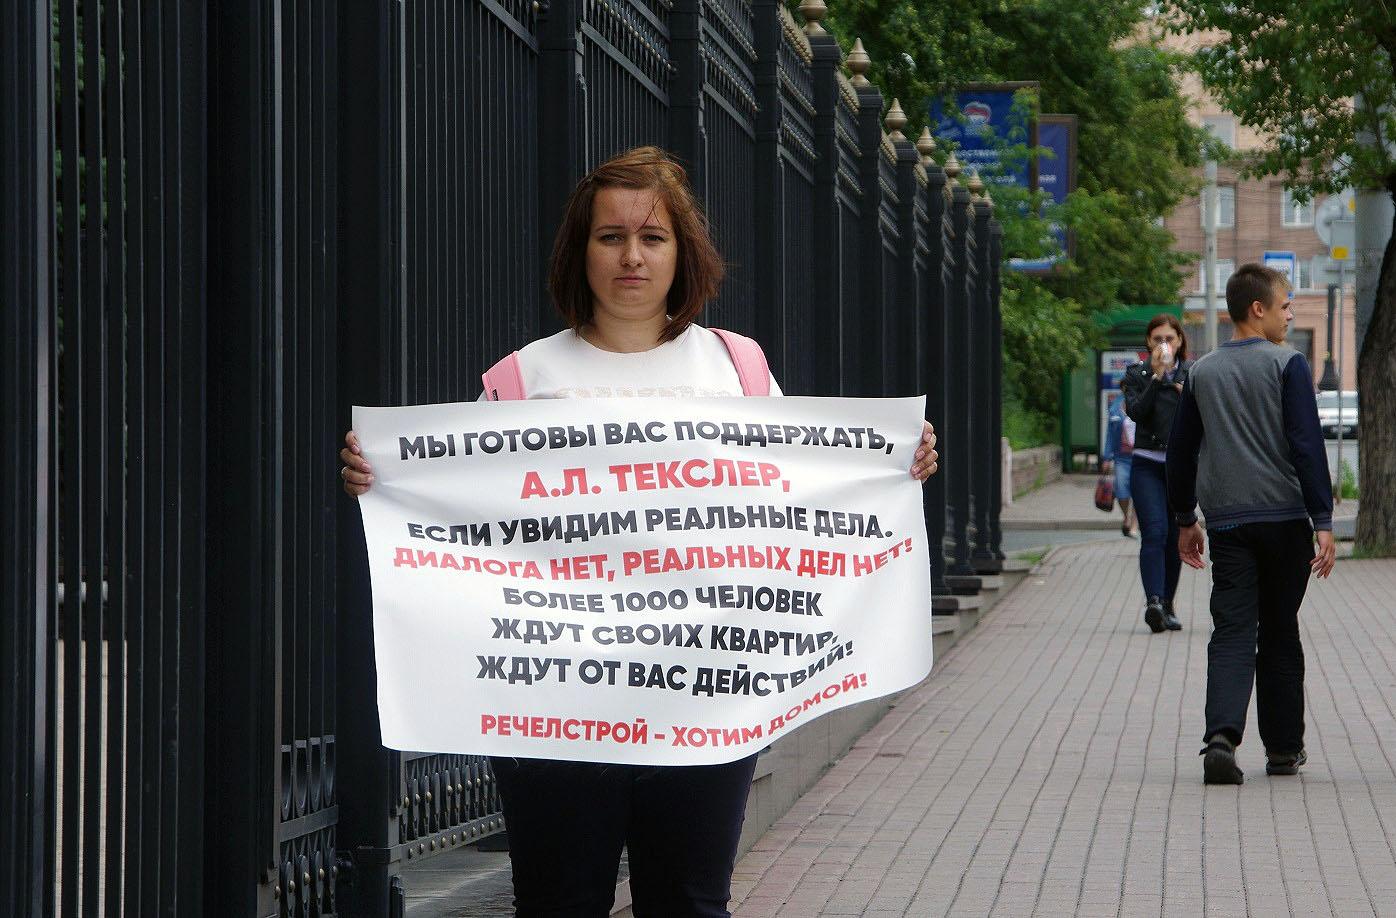 Более половины опрошенных жителей Челябинска (445 из 700 человек или 63,7%) на сегодня связывают